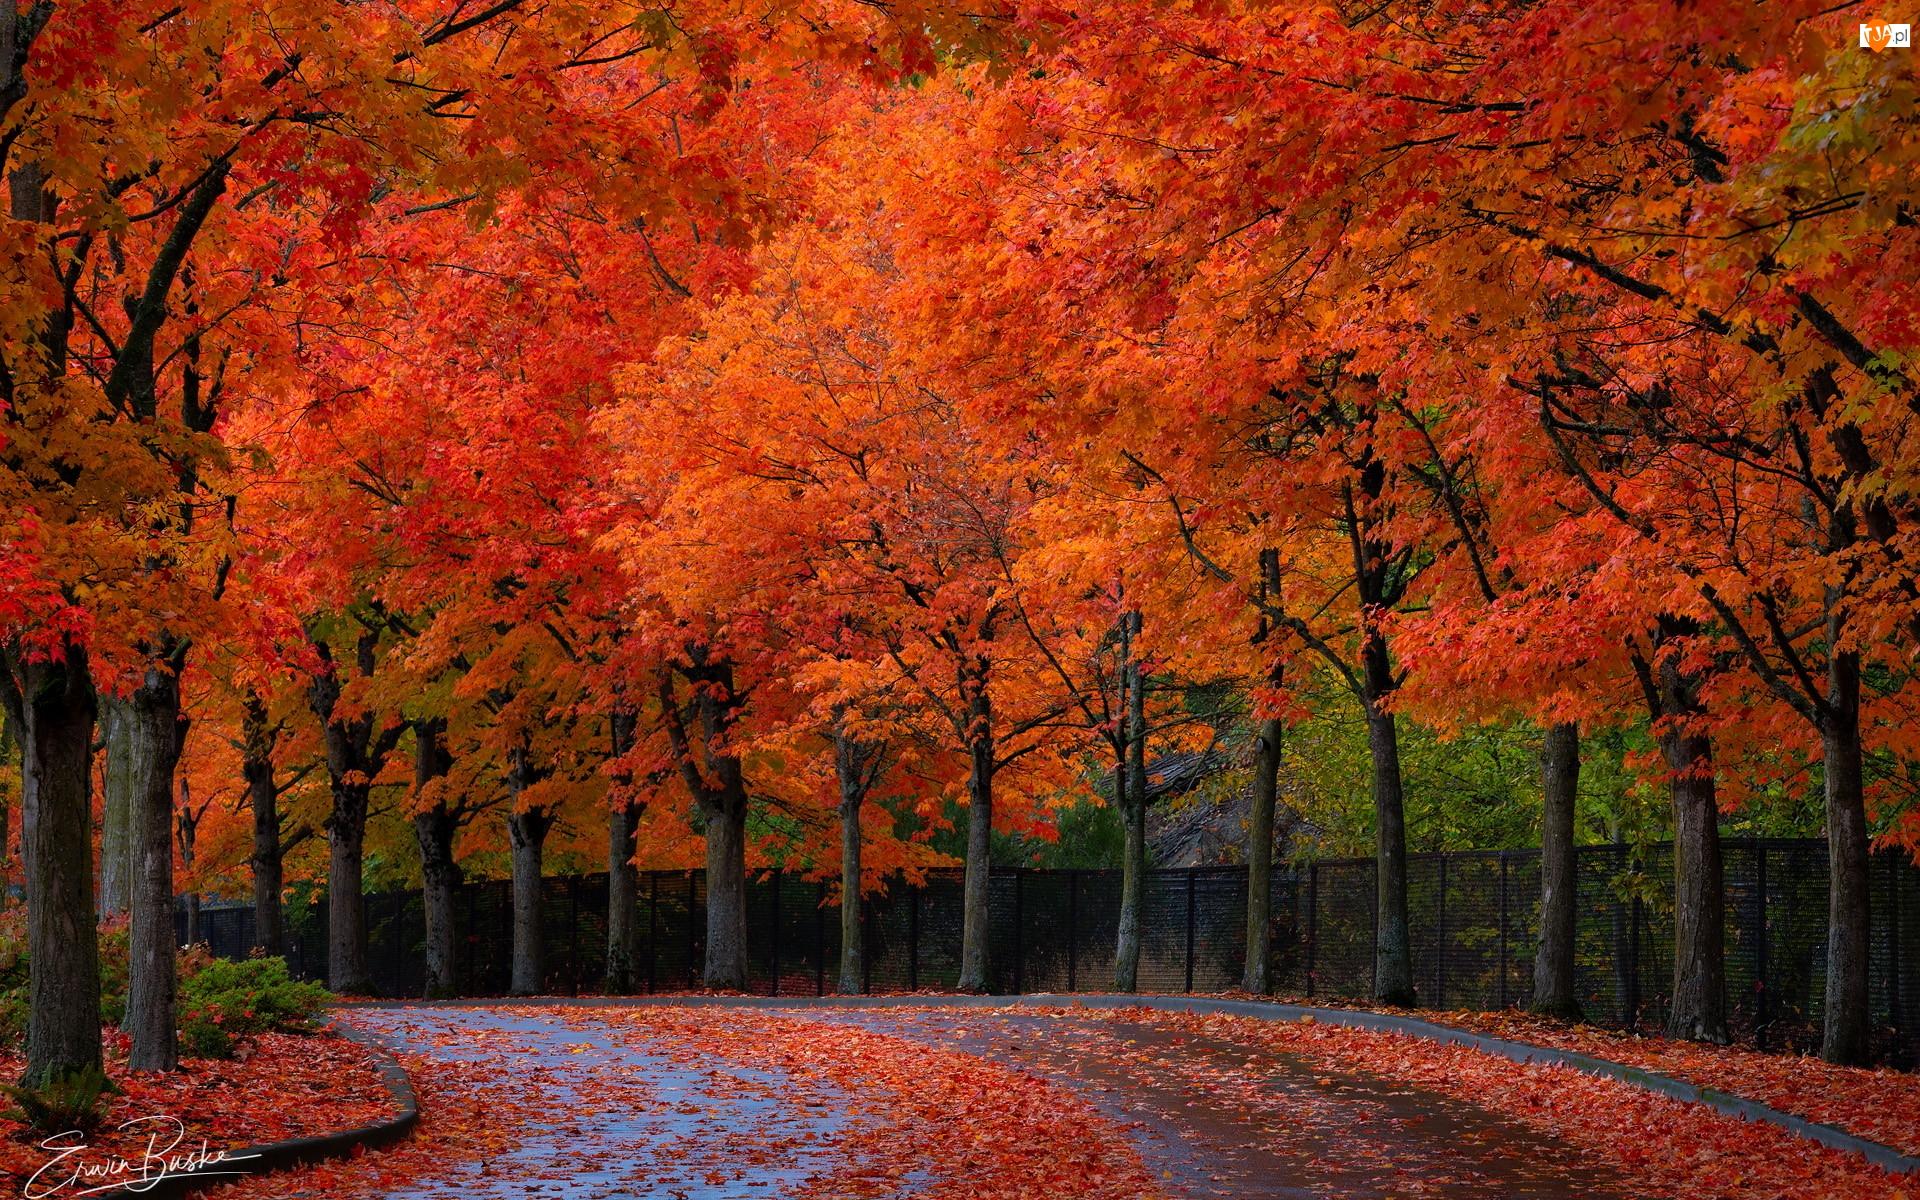 Ogrodzenie, Jesienne, Płot, Liście, Droga, Drzewa, Czerwone, Jesień, Rude